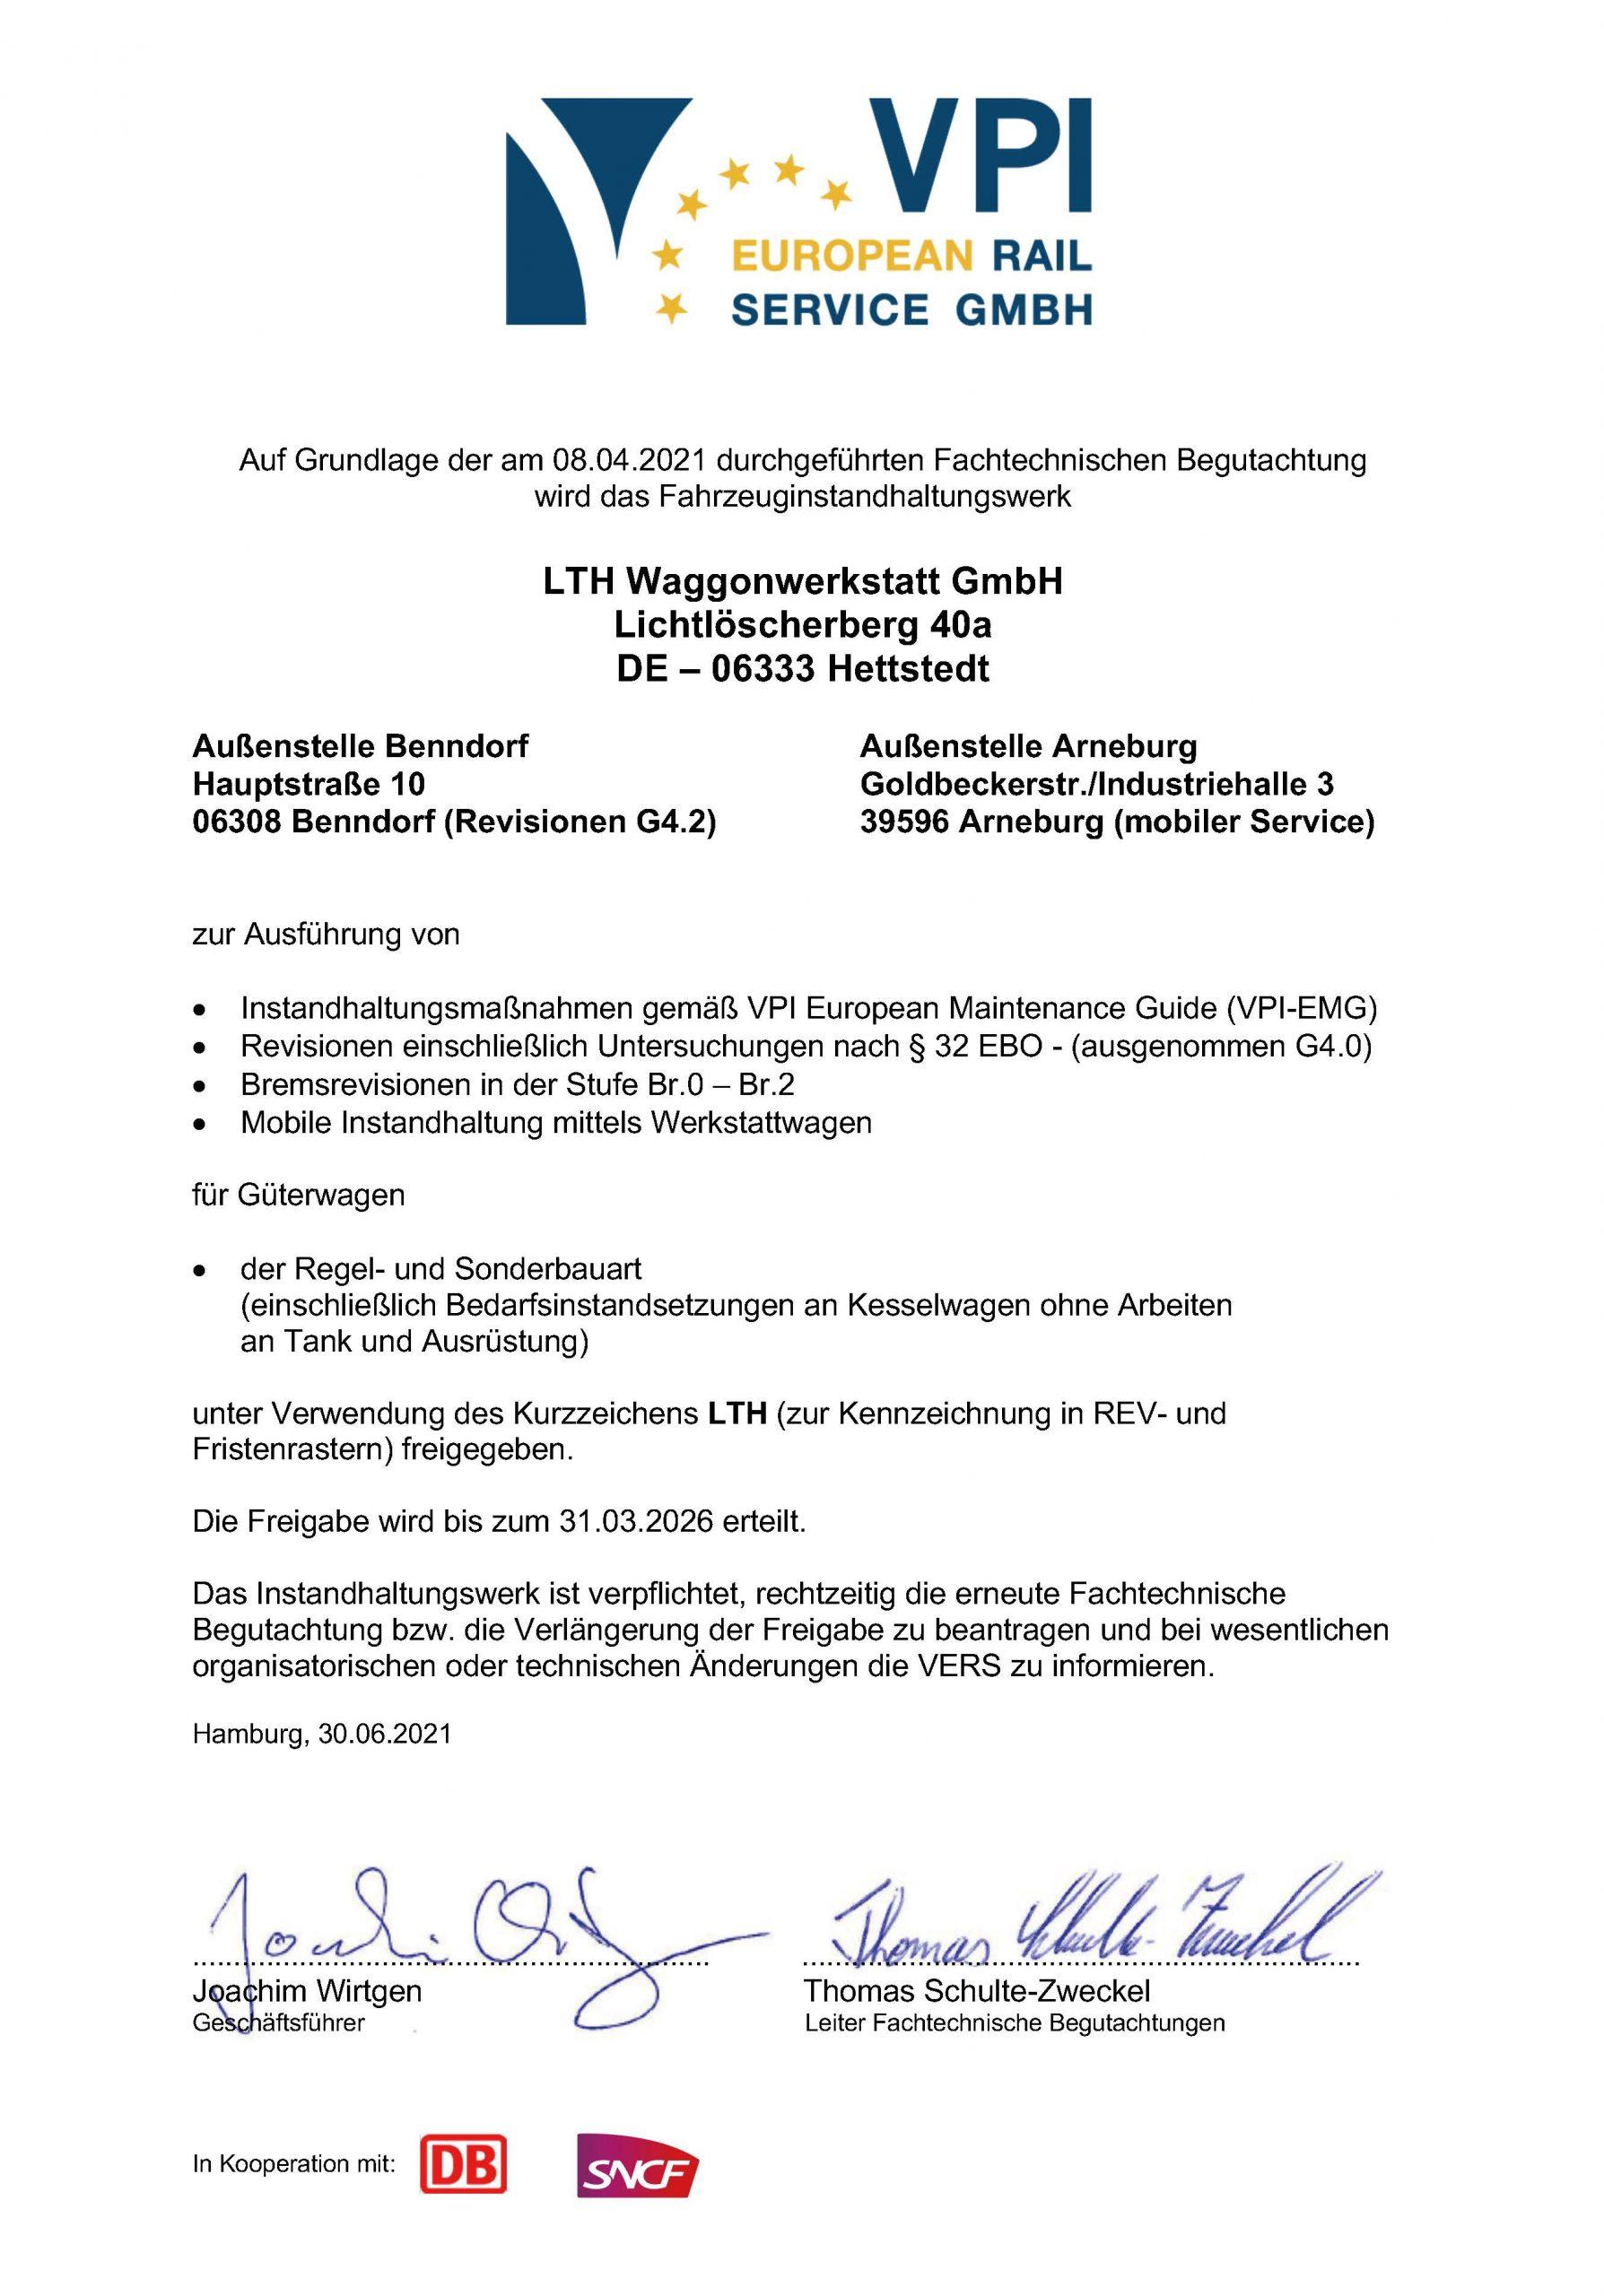 Downloads - Das Bild zeigt die Zulassung des Verbands deutscher Güterwagenhalter in Deutschland E.V. Sie berechtigt zur Instandhaltung und Bremsrevisionen für Güterwagen.